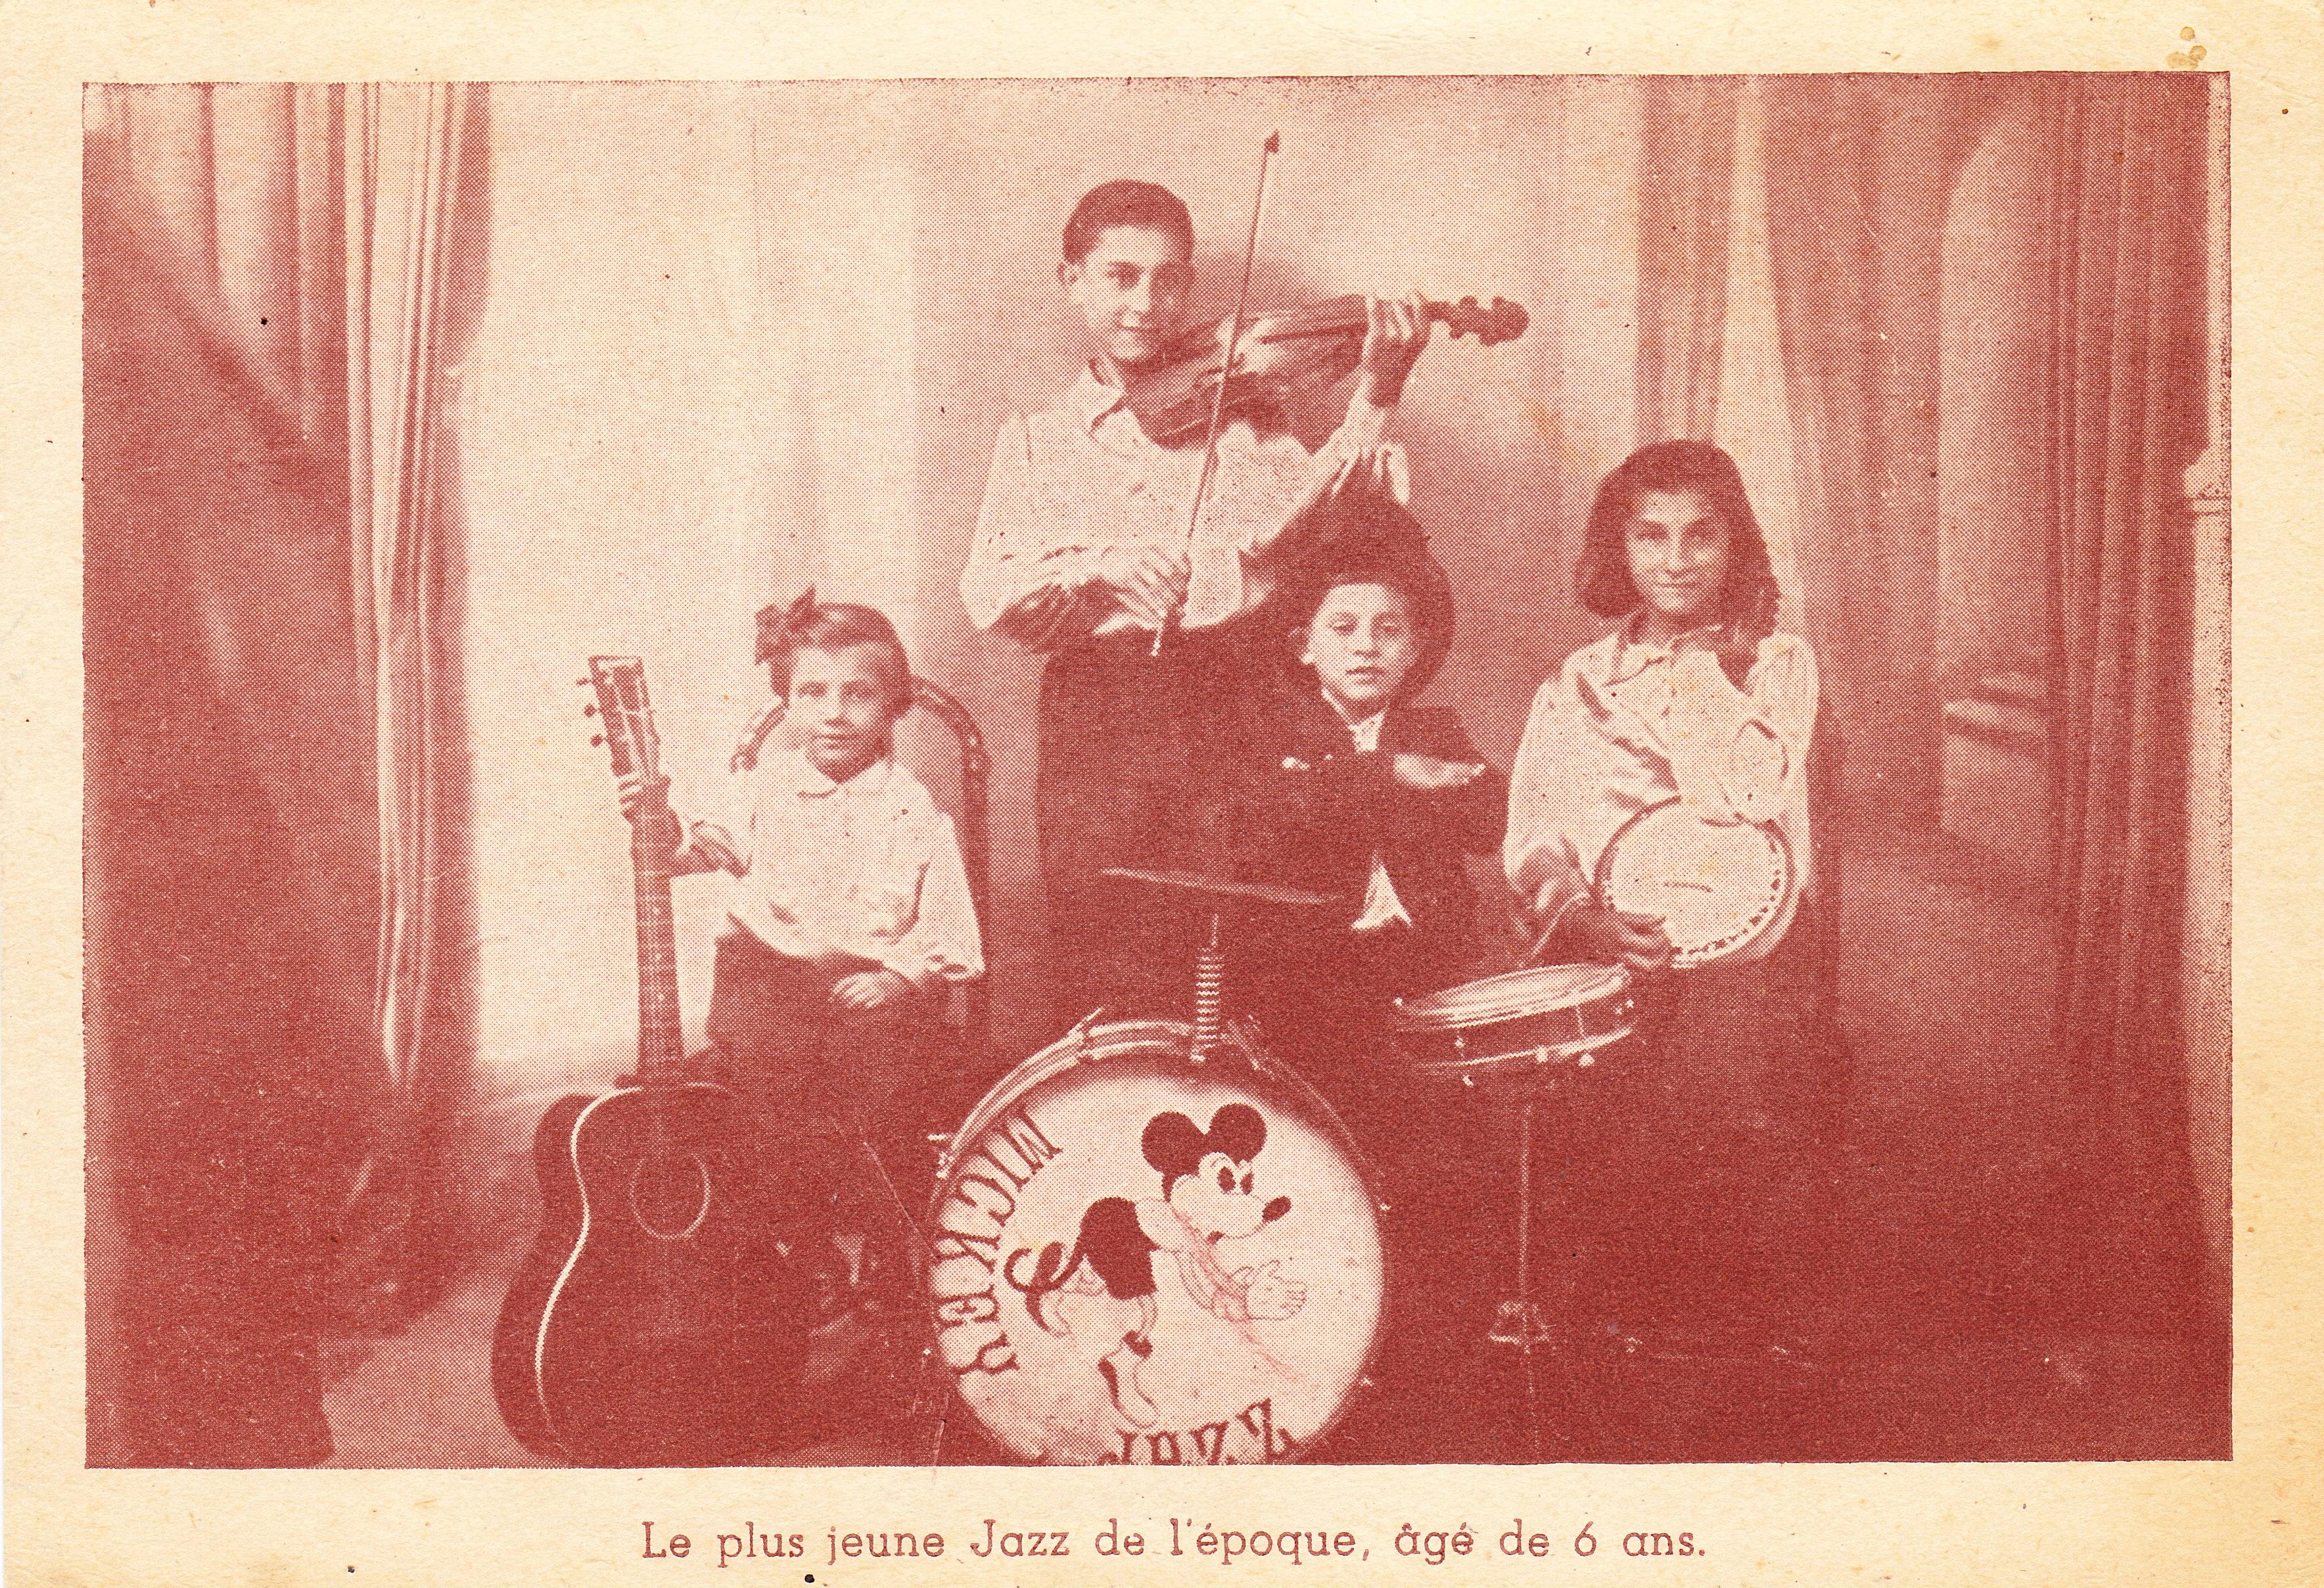 Mickey Jazz - le plus jeune de l'époque, agè de 6 ans